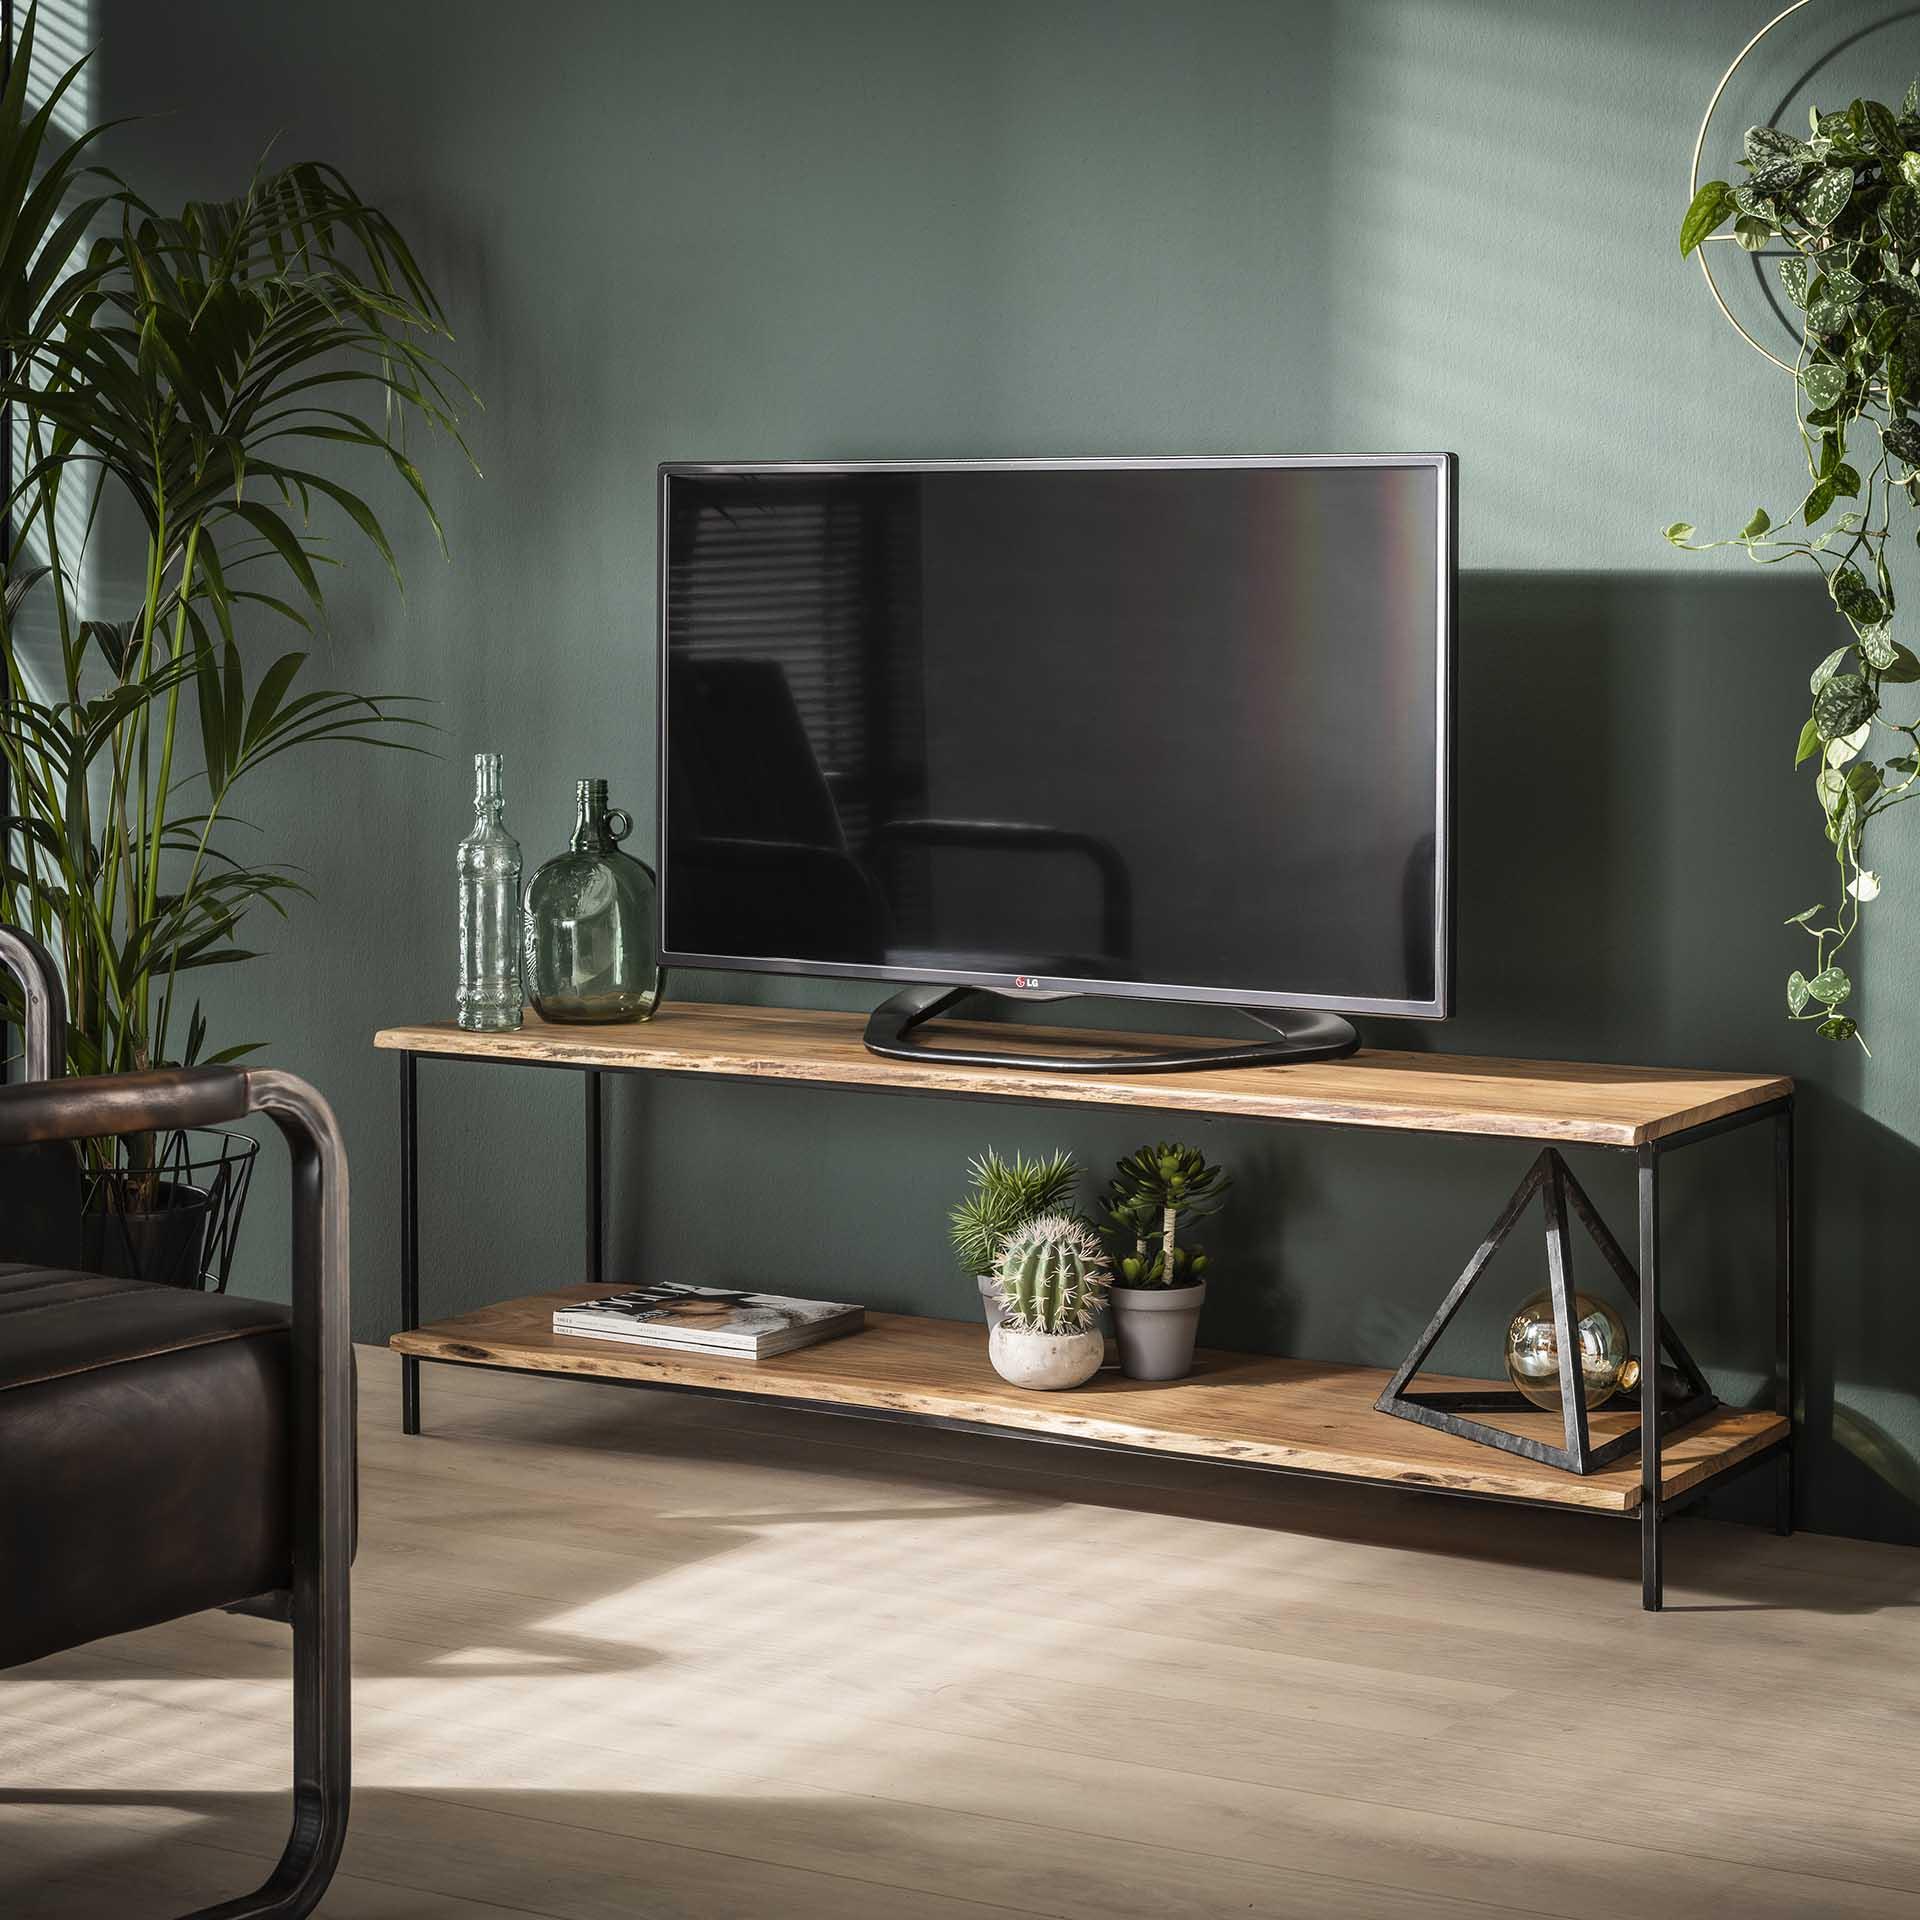 meuble tv bois massif d acacia bordure naturelle melbourne meubles tv pier import